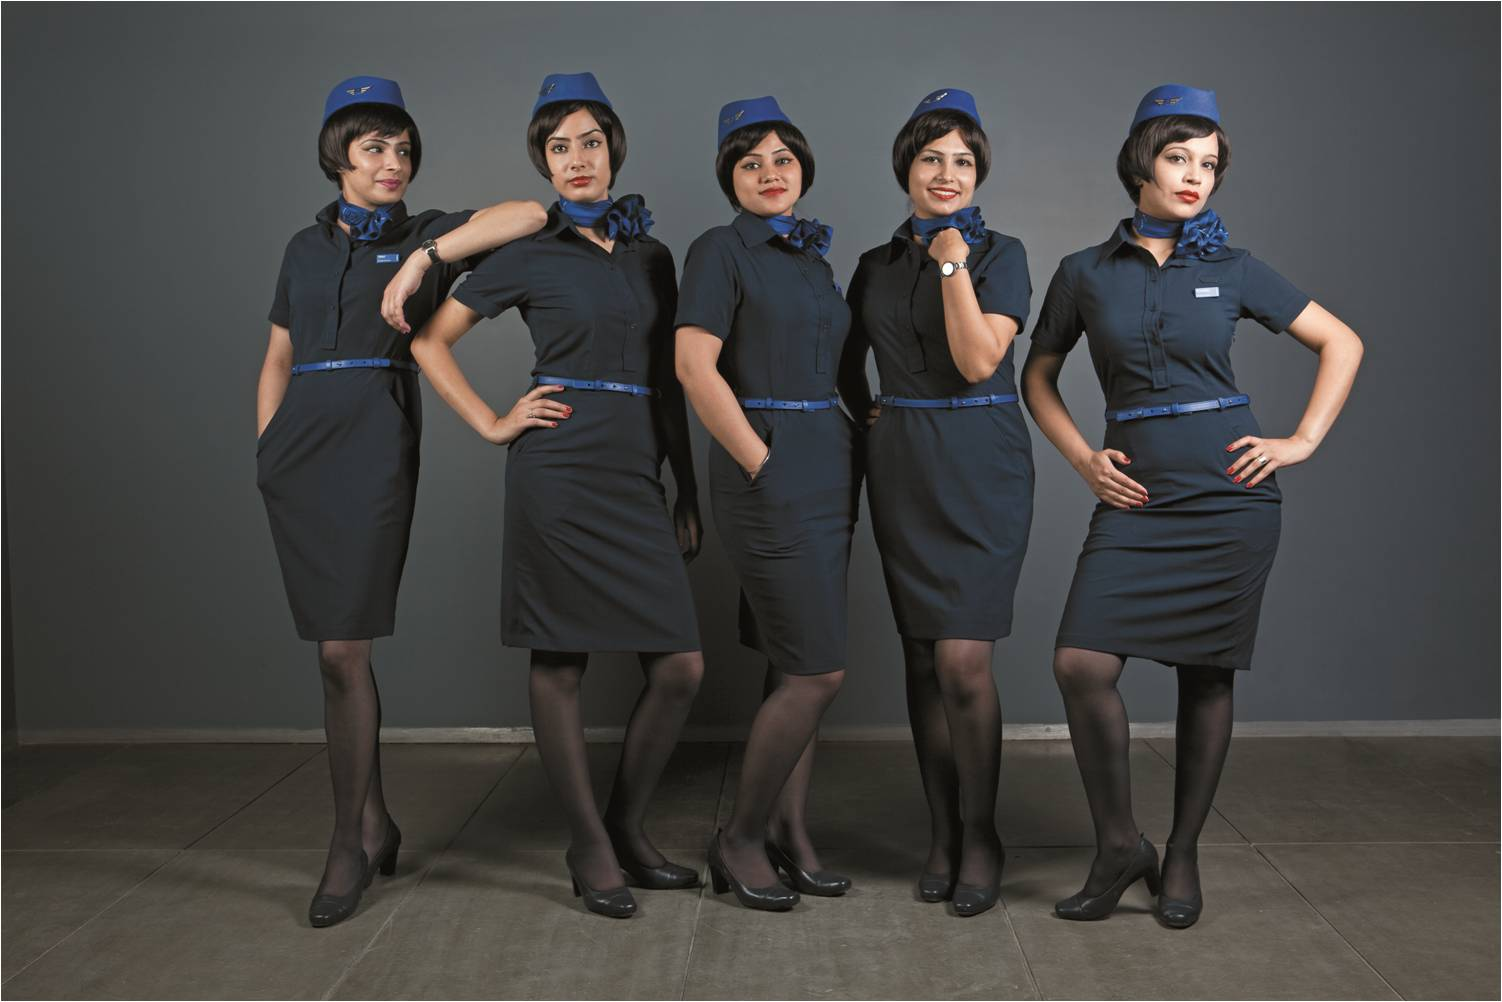 форма для стюардесс картинки каждой